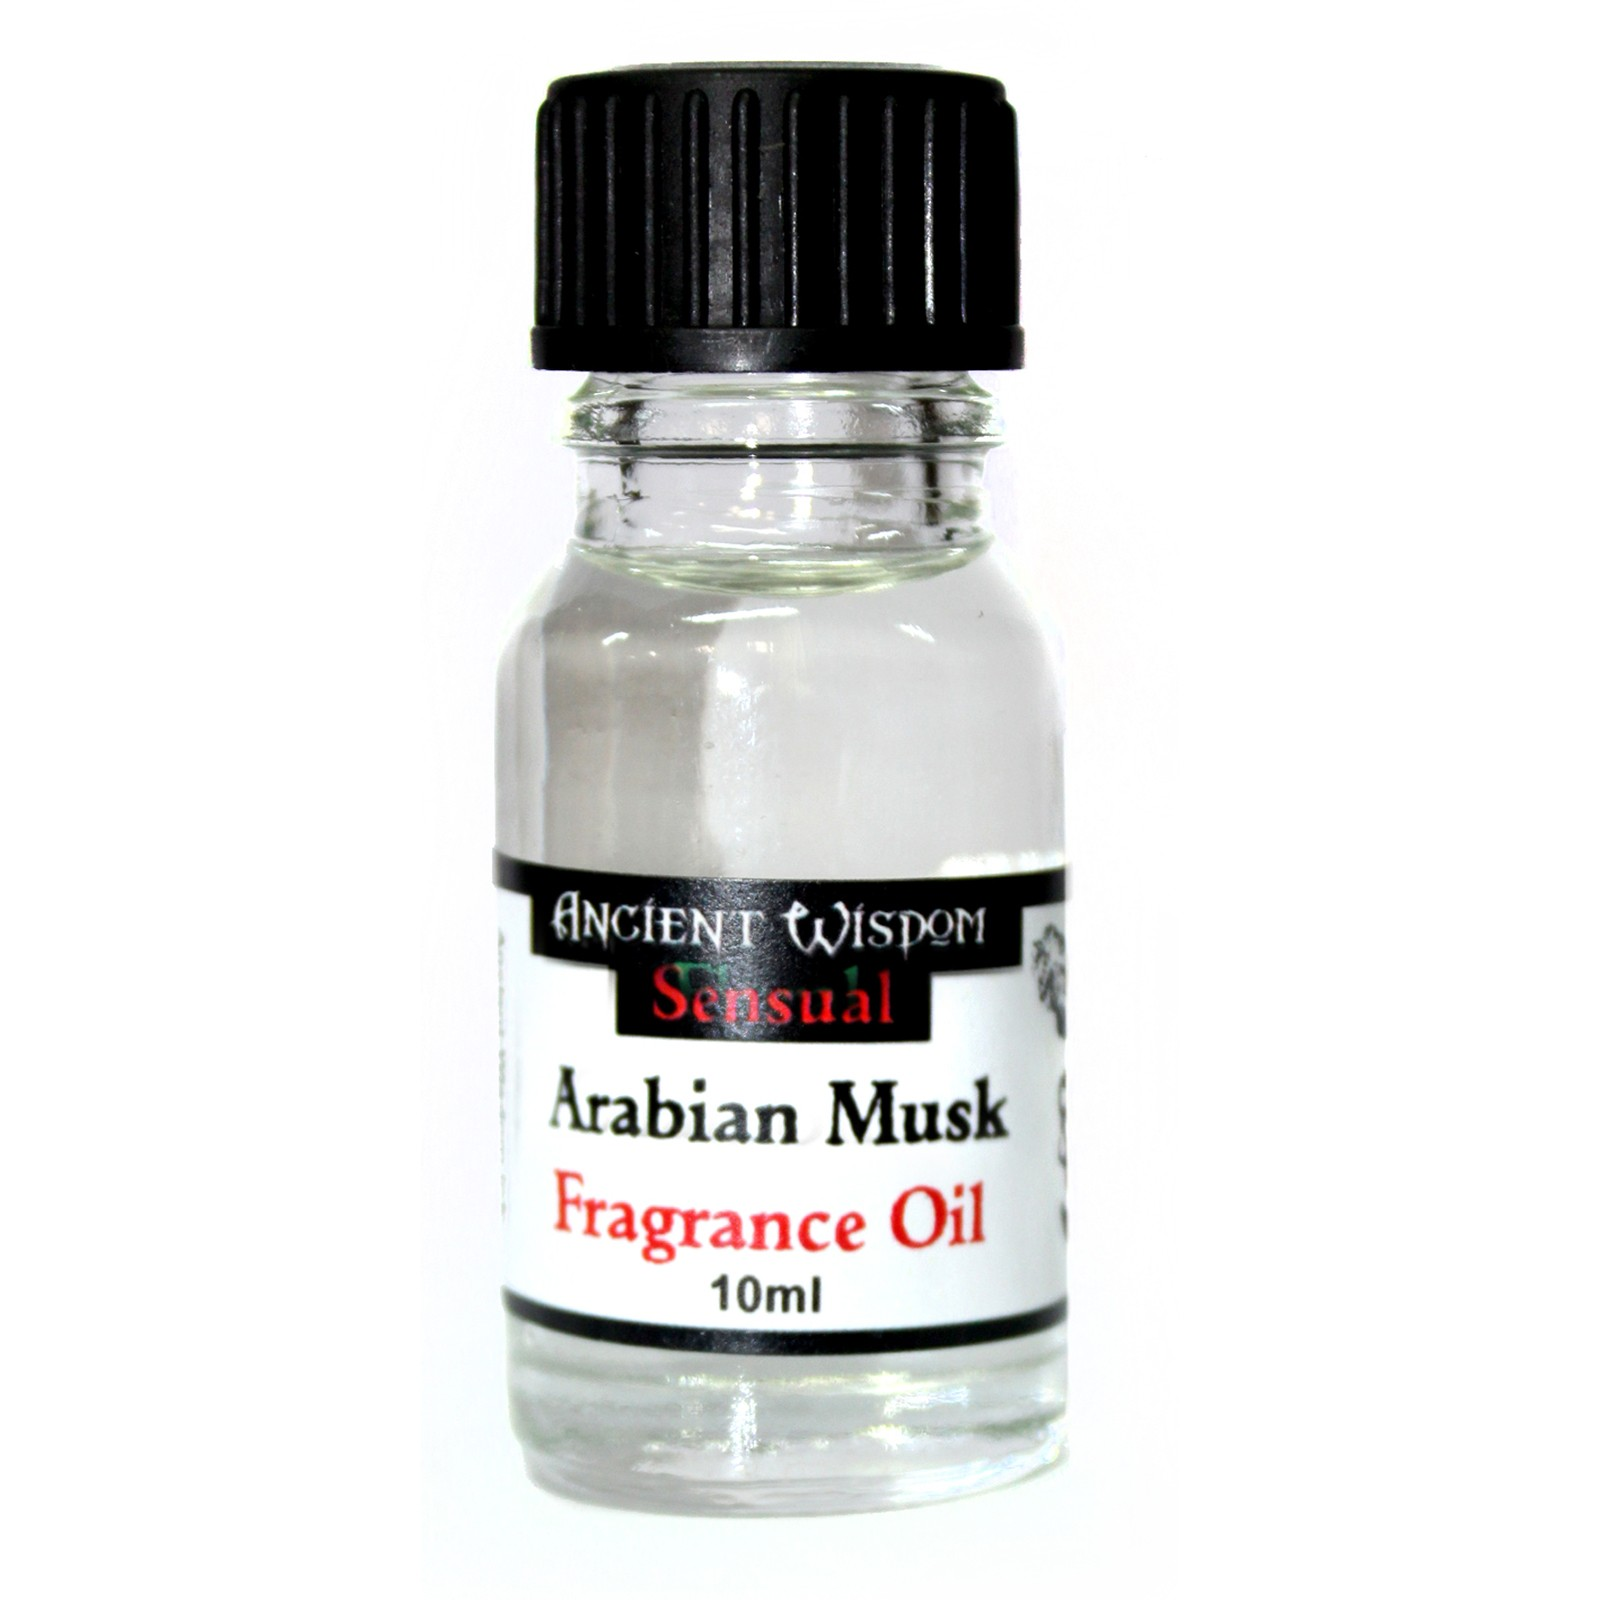 10ml Arabian Musk Fragrance Oil